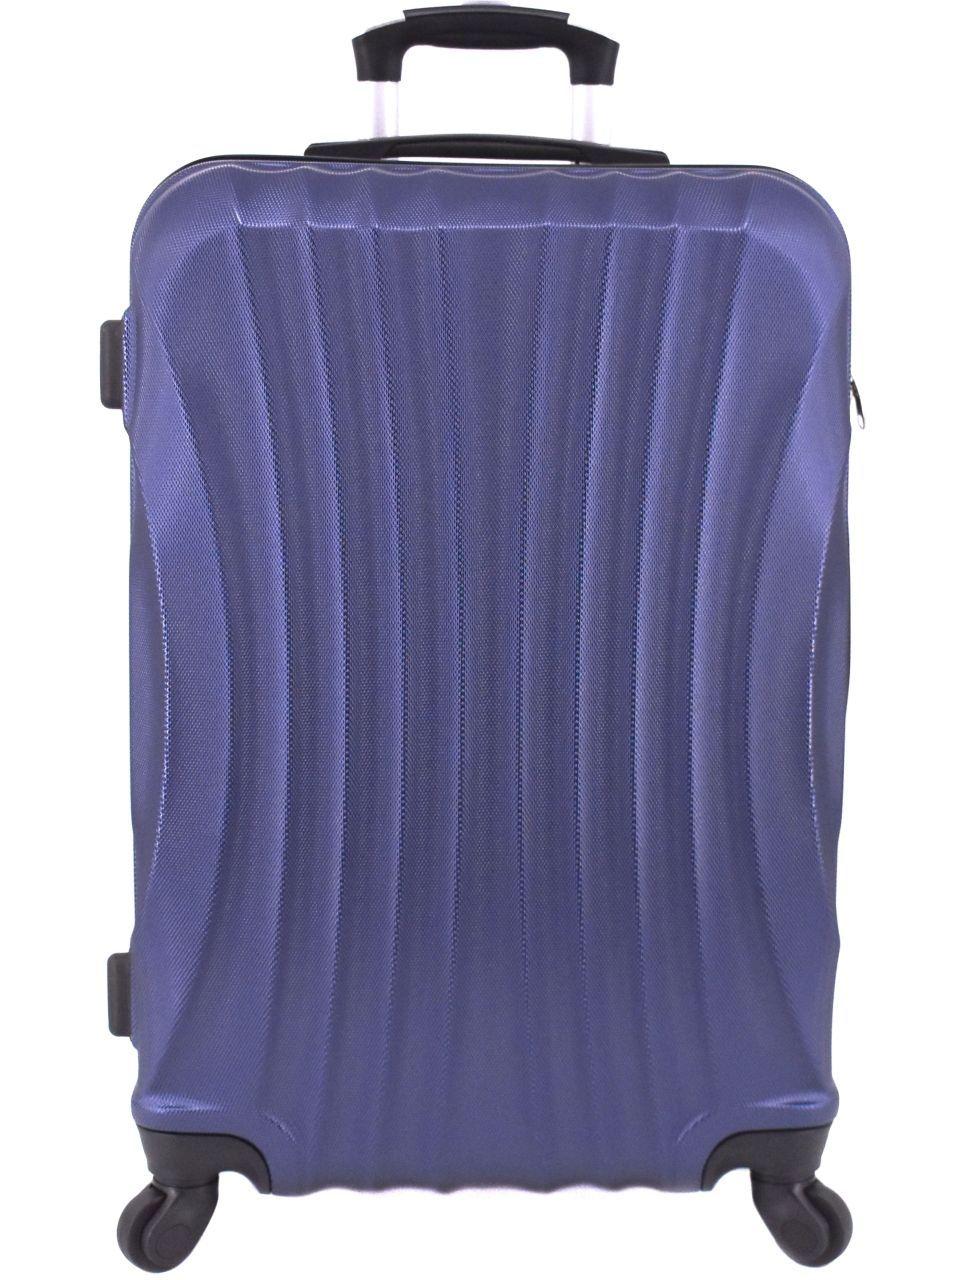 Cestovní palubní kufr Arteddy / 4 kolečka (S) 40l - tmavě modrá 6020 (S)